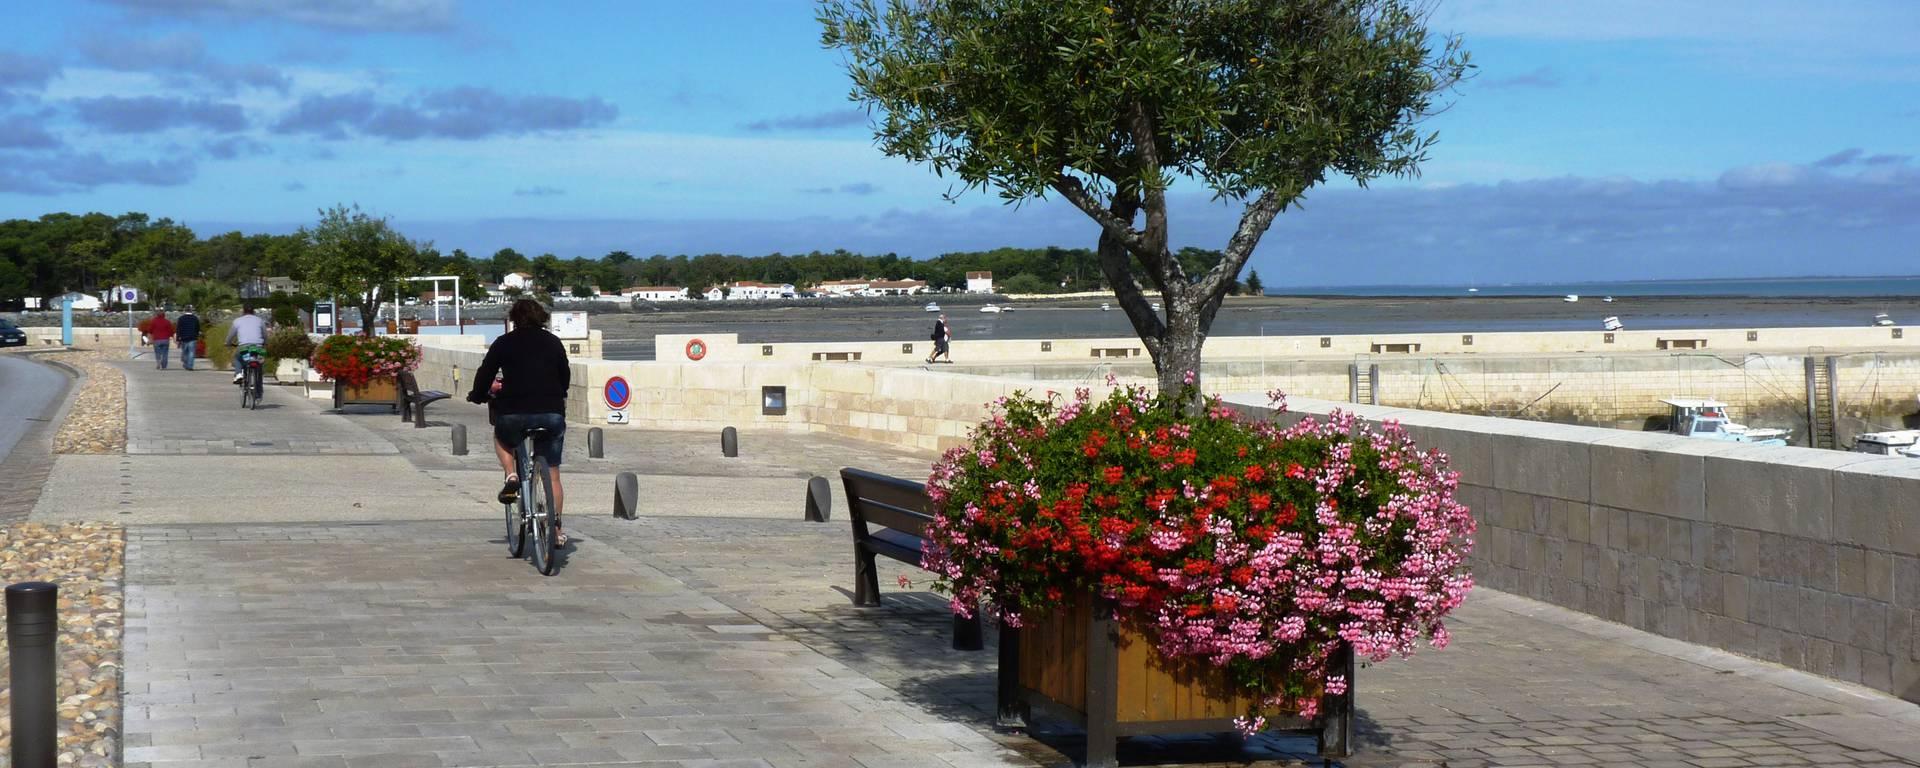 Port de Rivedoux-Plage © Destination-Ile-de-Ré